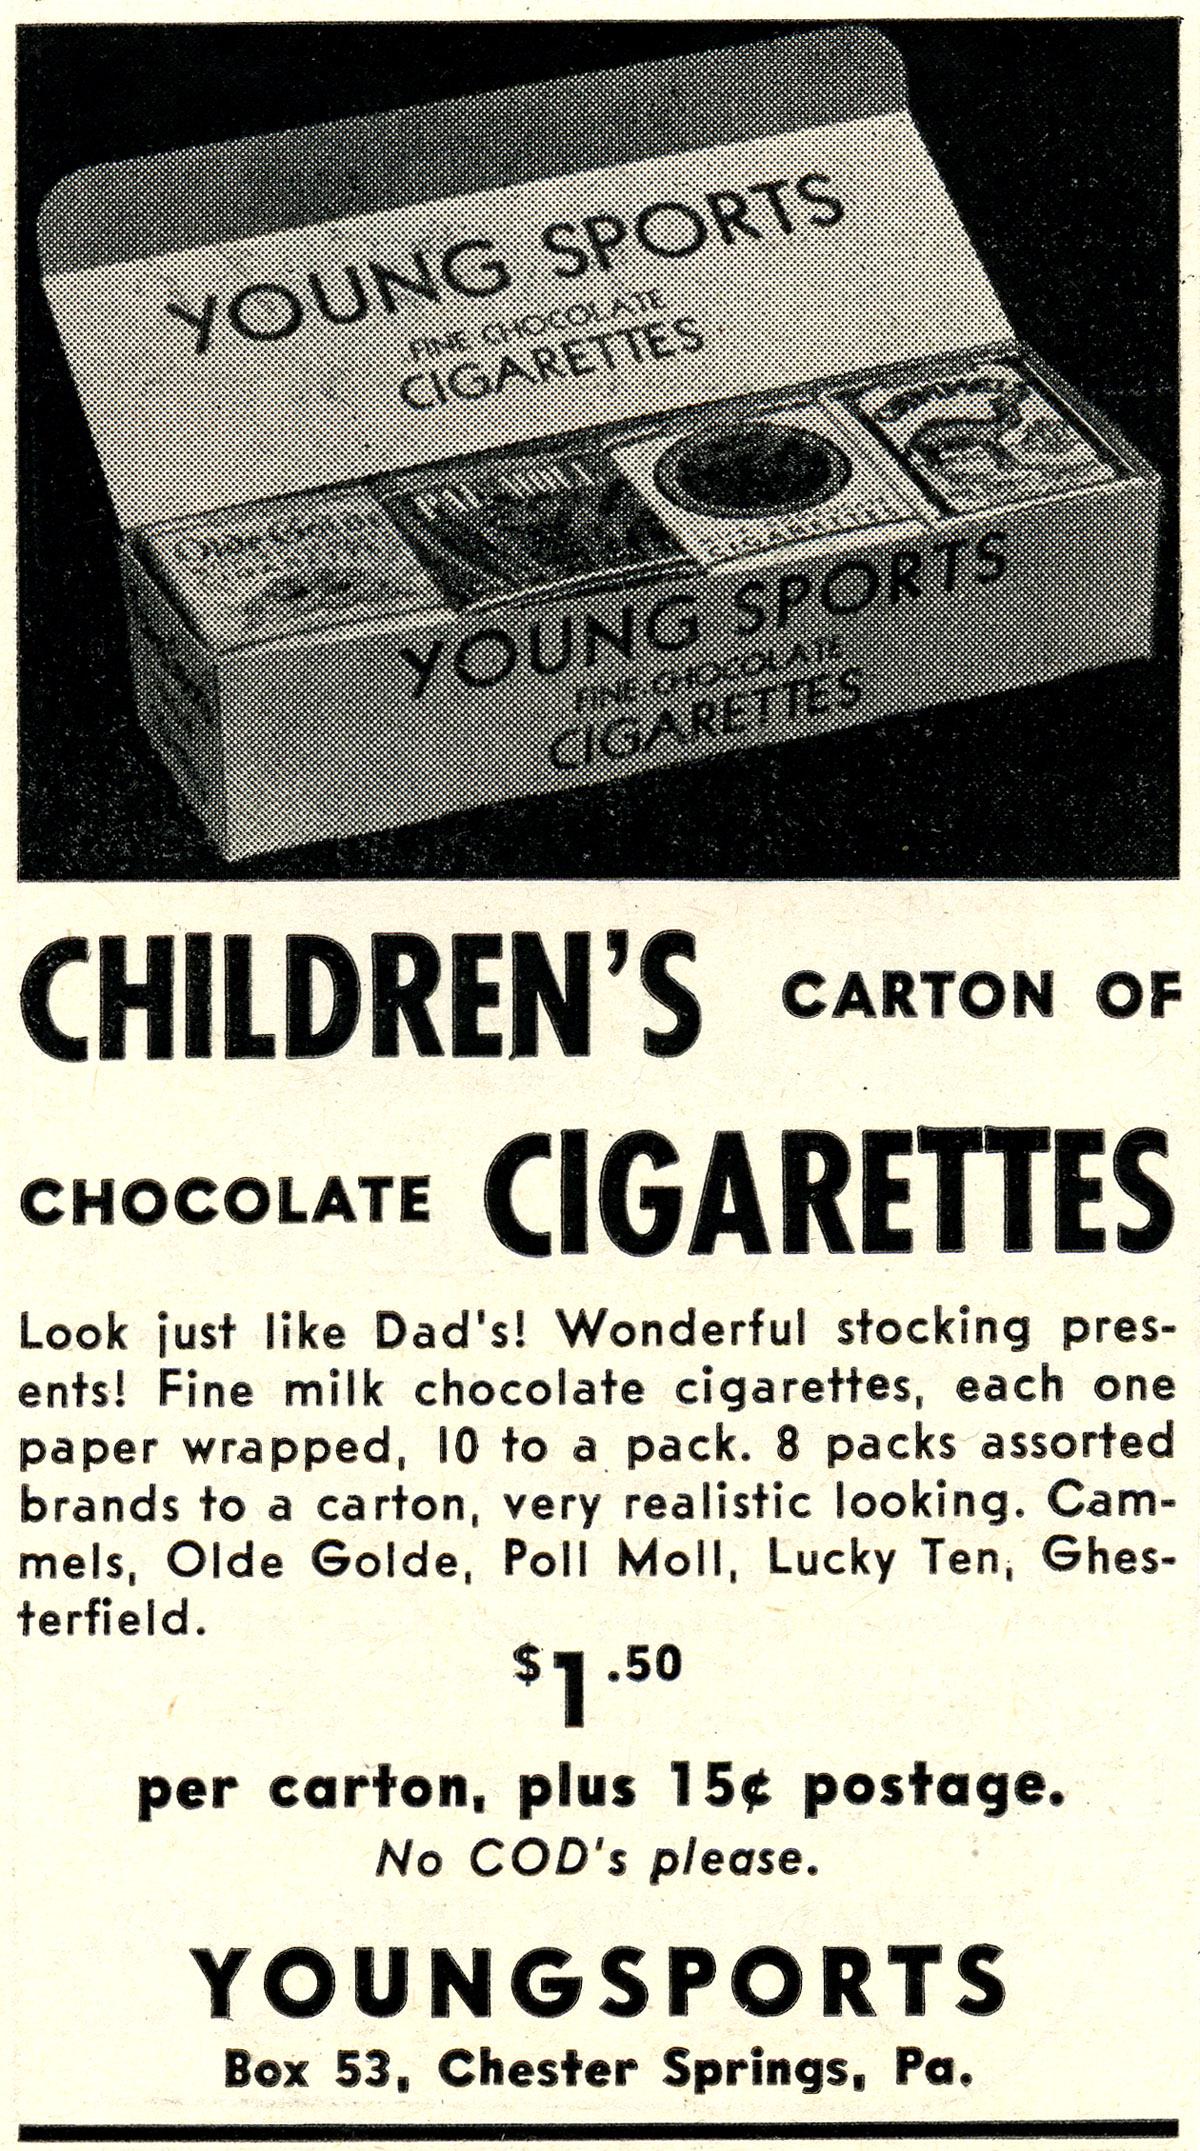 Czekoladki dla dzieci w opakowaniach przypominających paczki papierosów. Producent nieznany